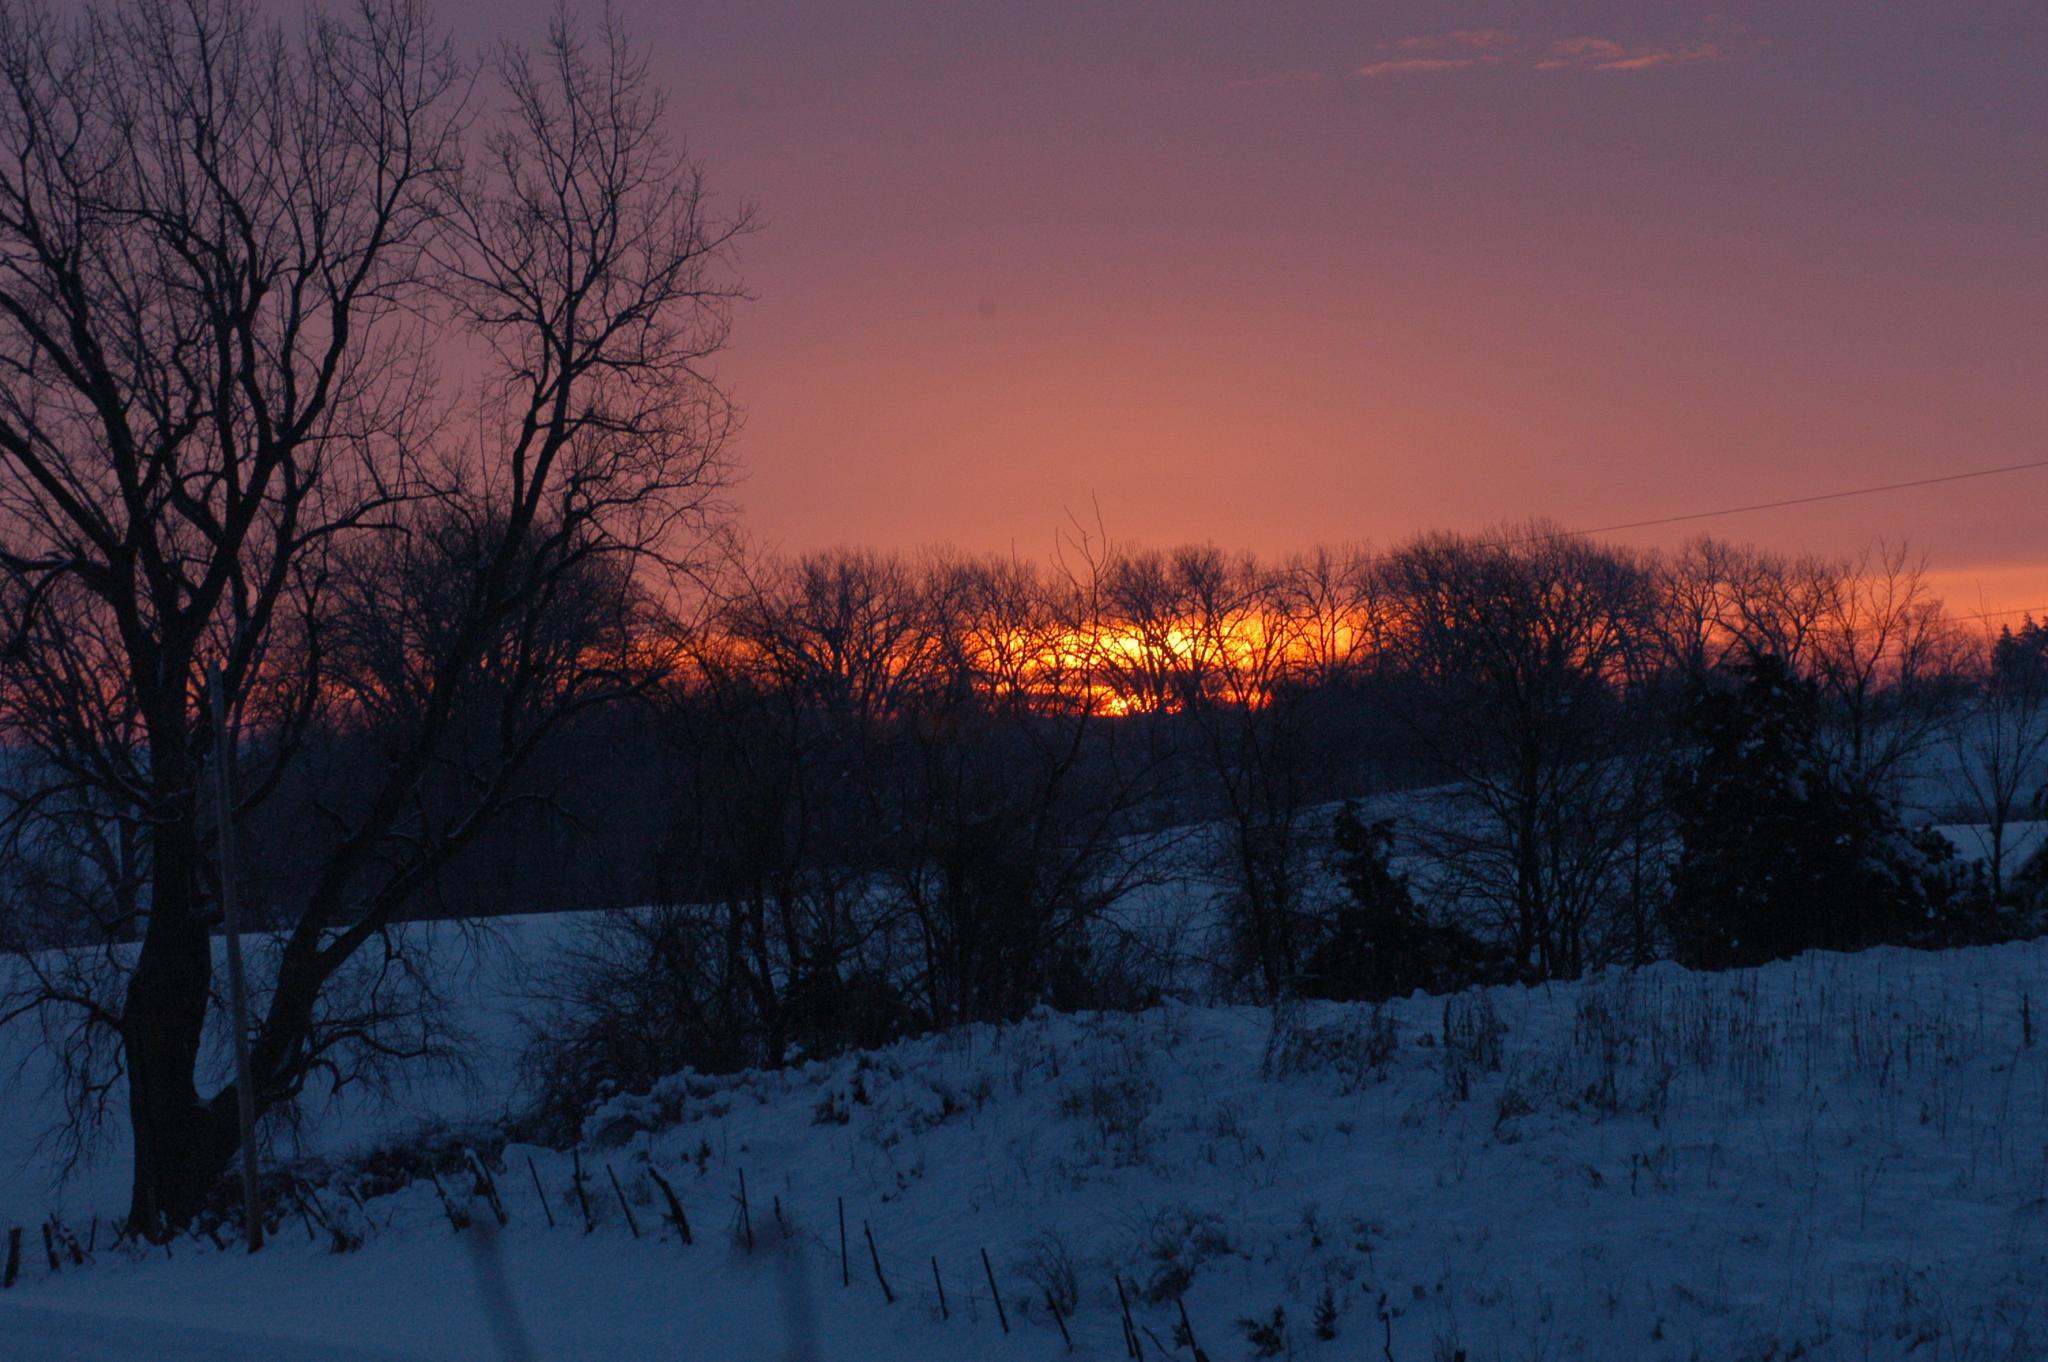 February Sunrise by lgrismore